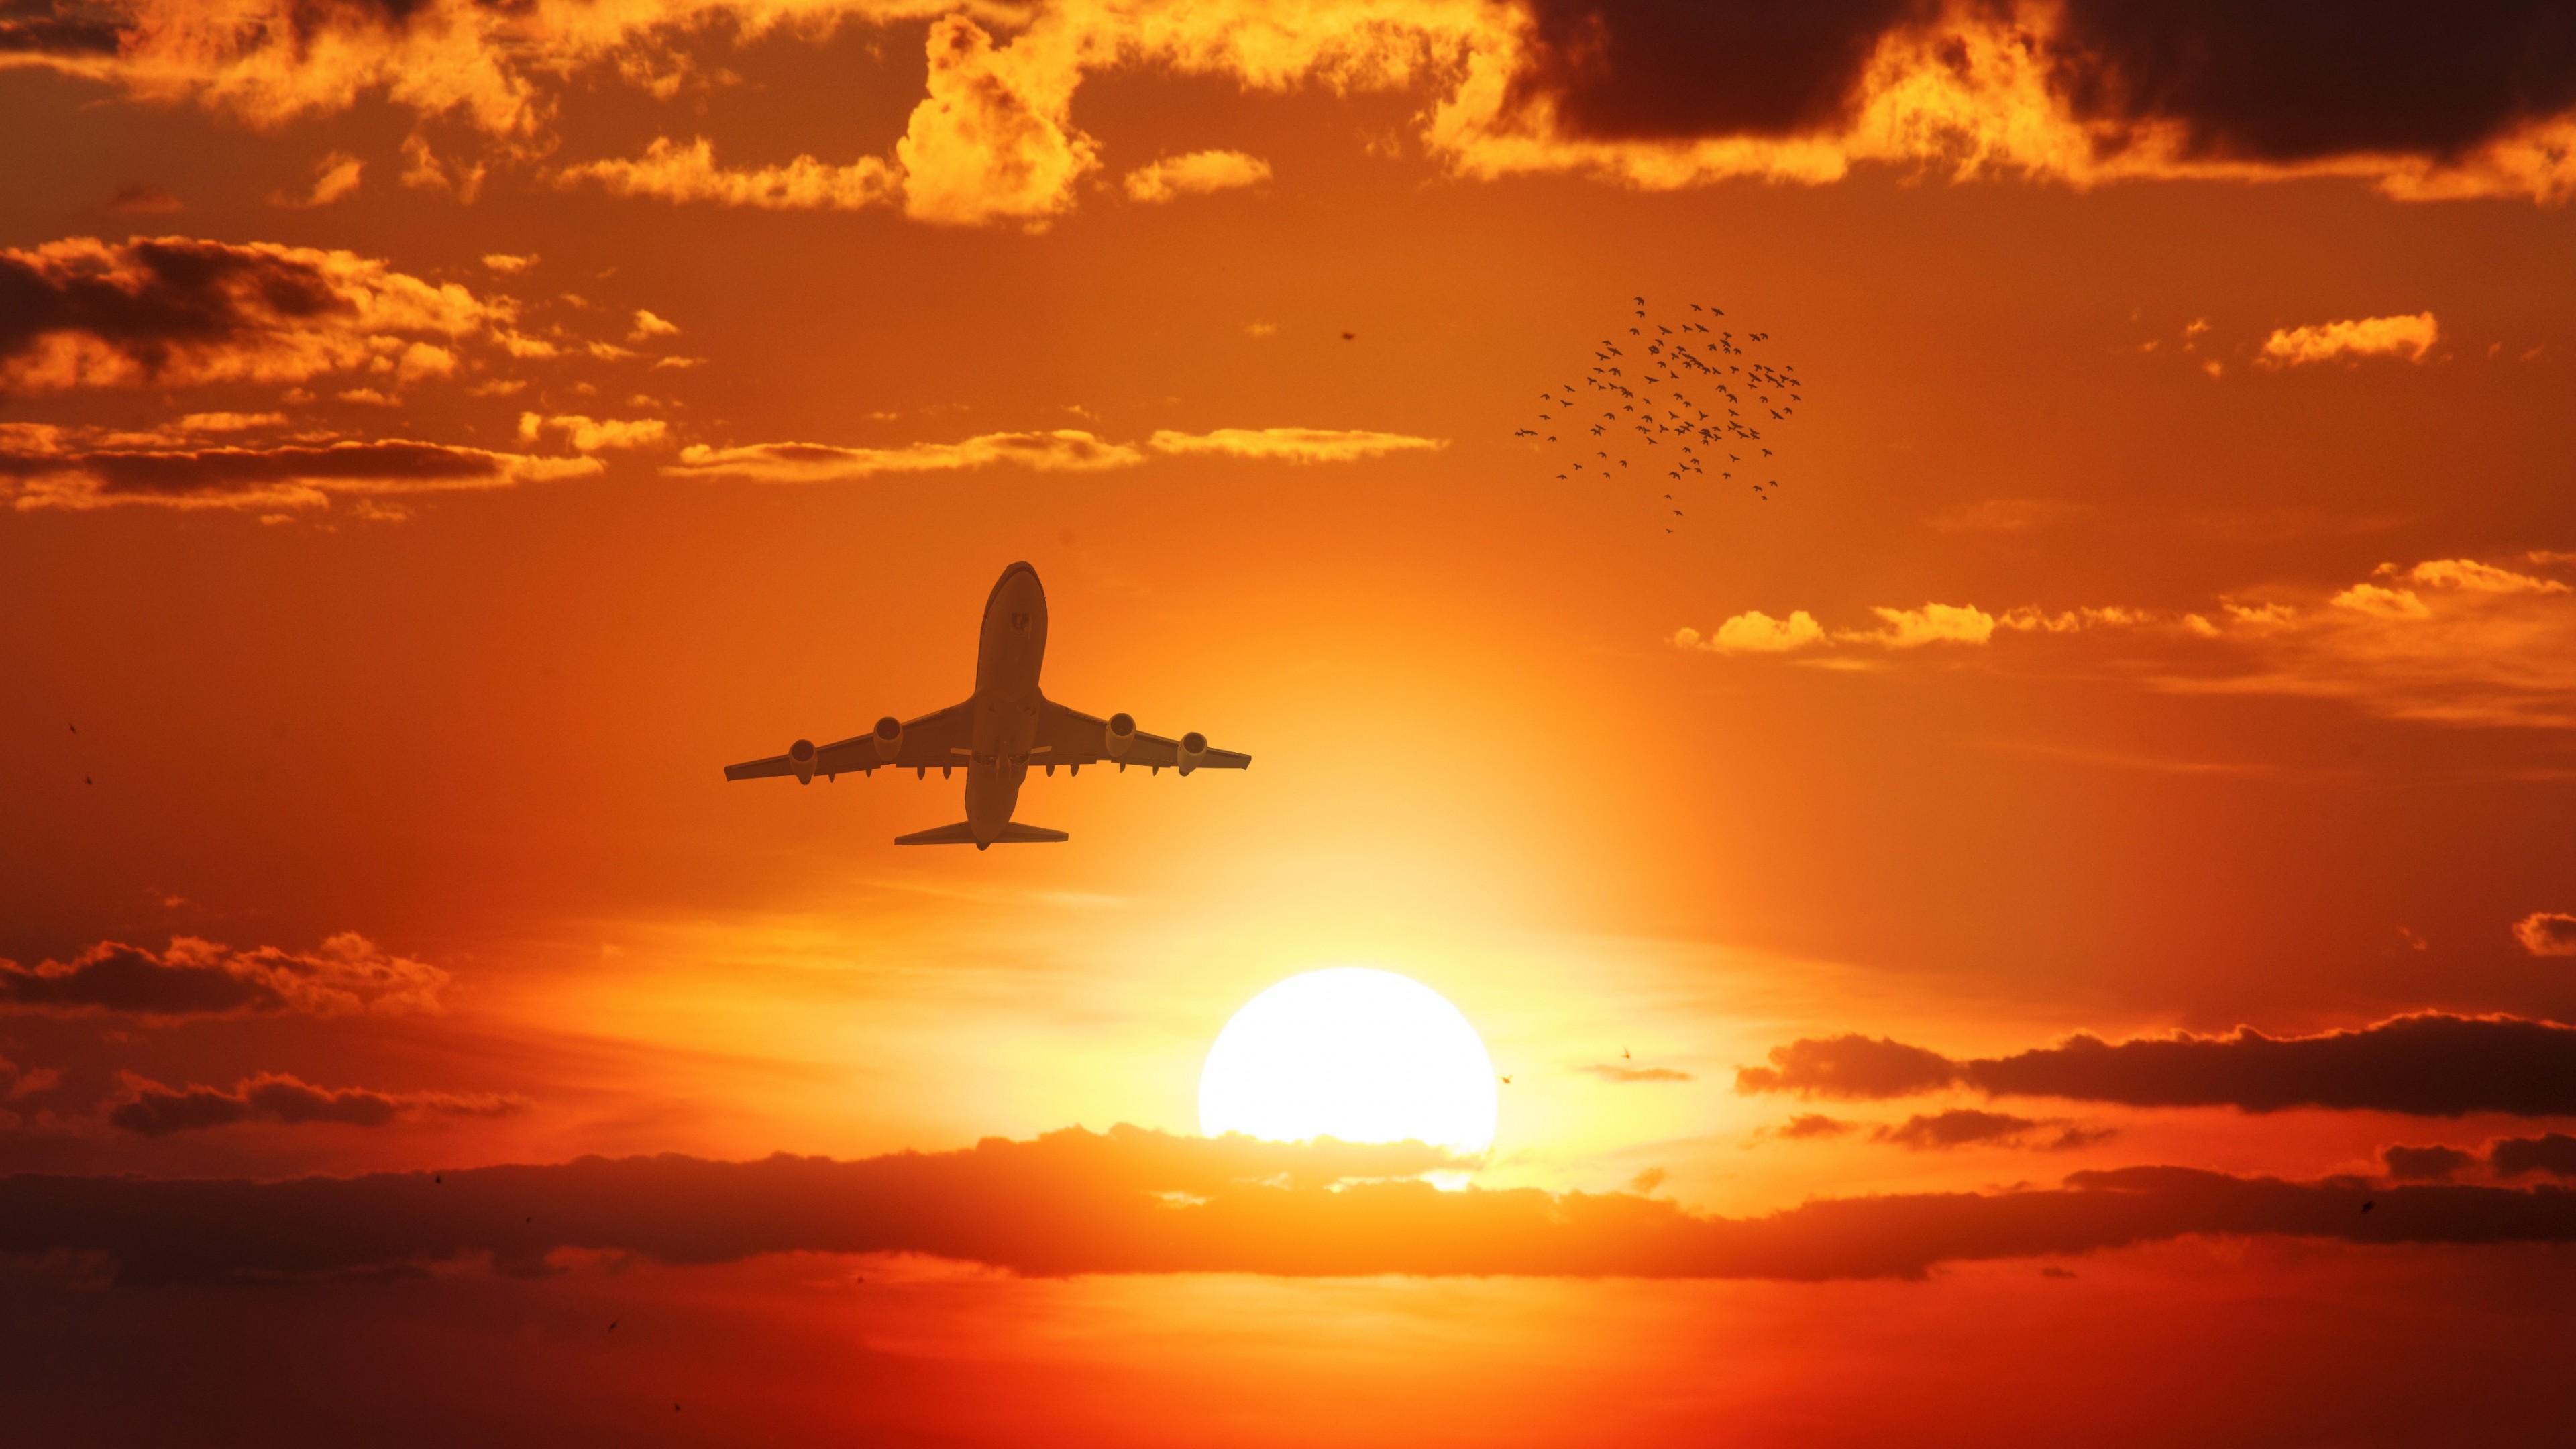 Самолет в лучах солнца над облаками